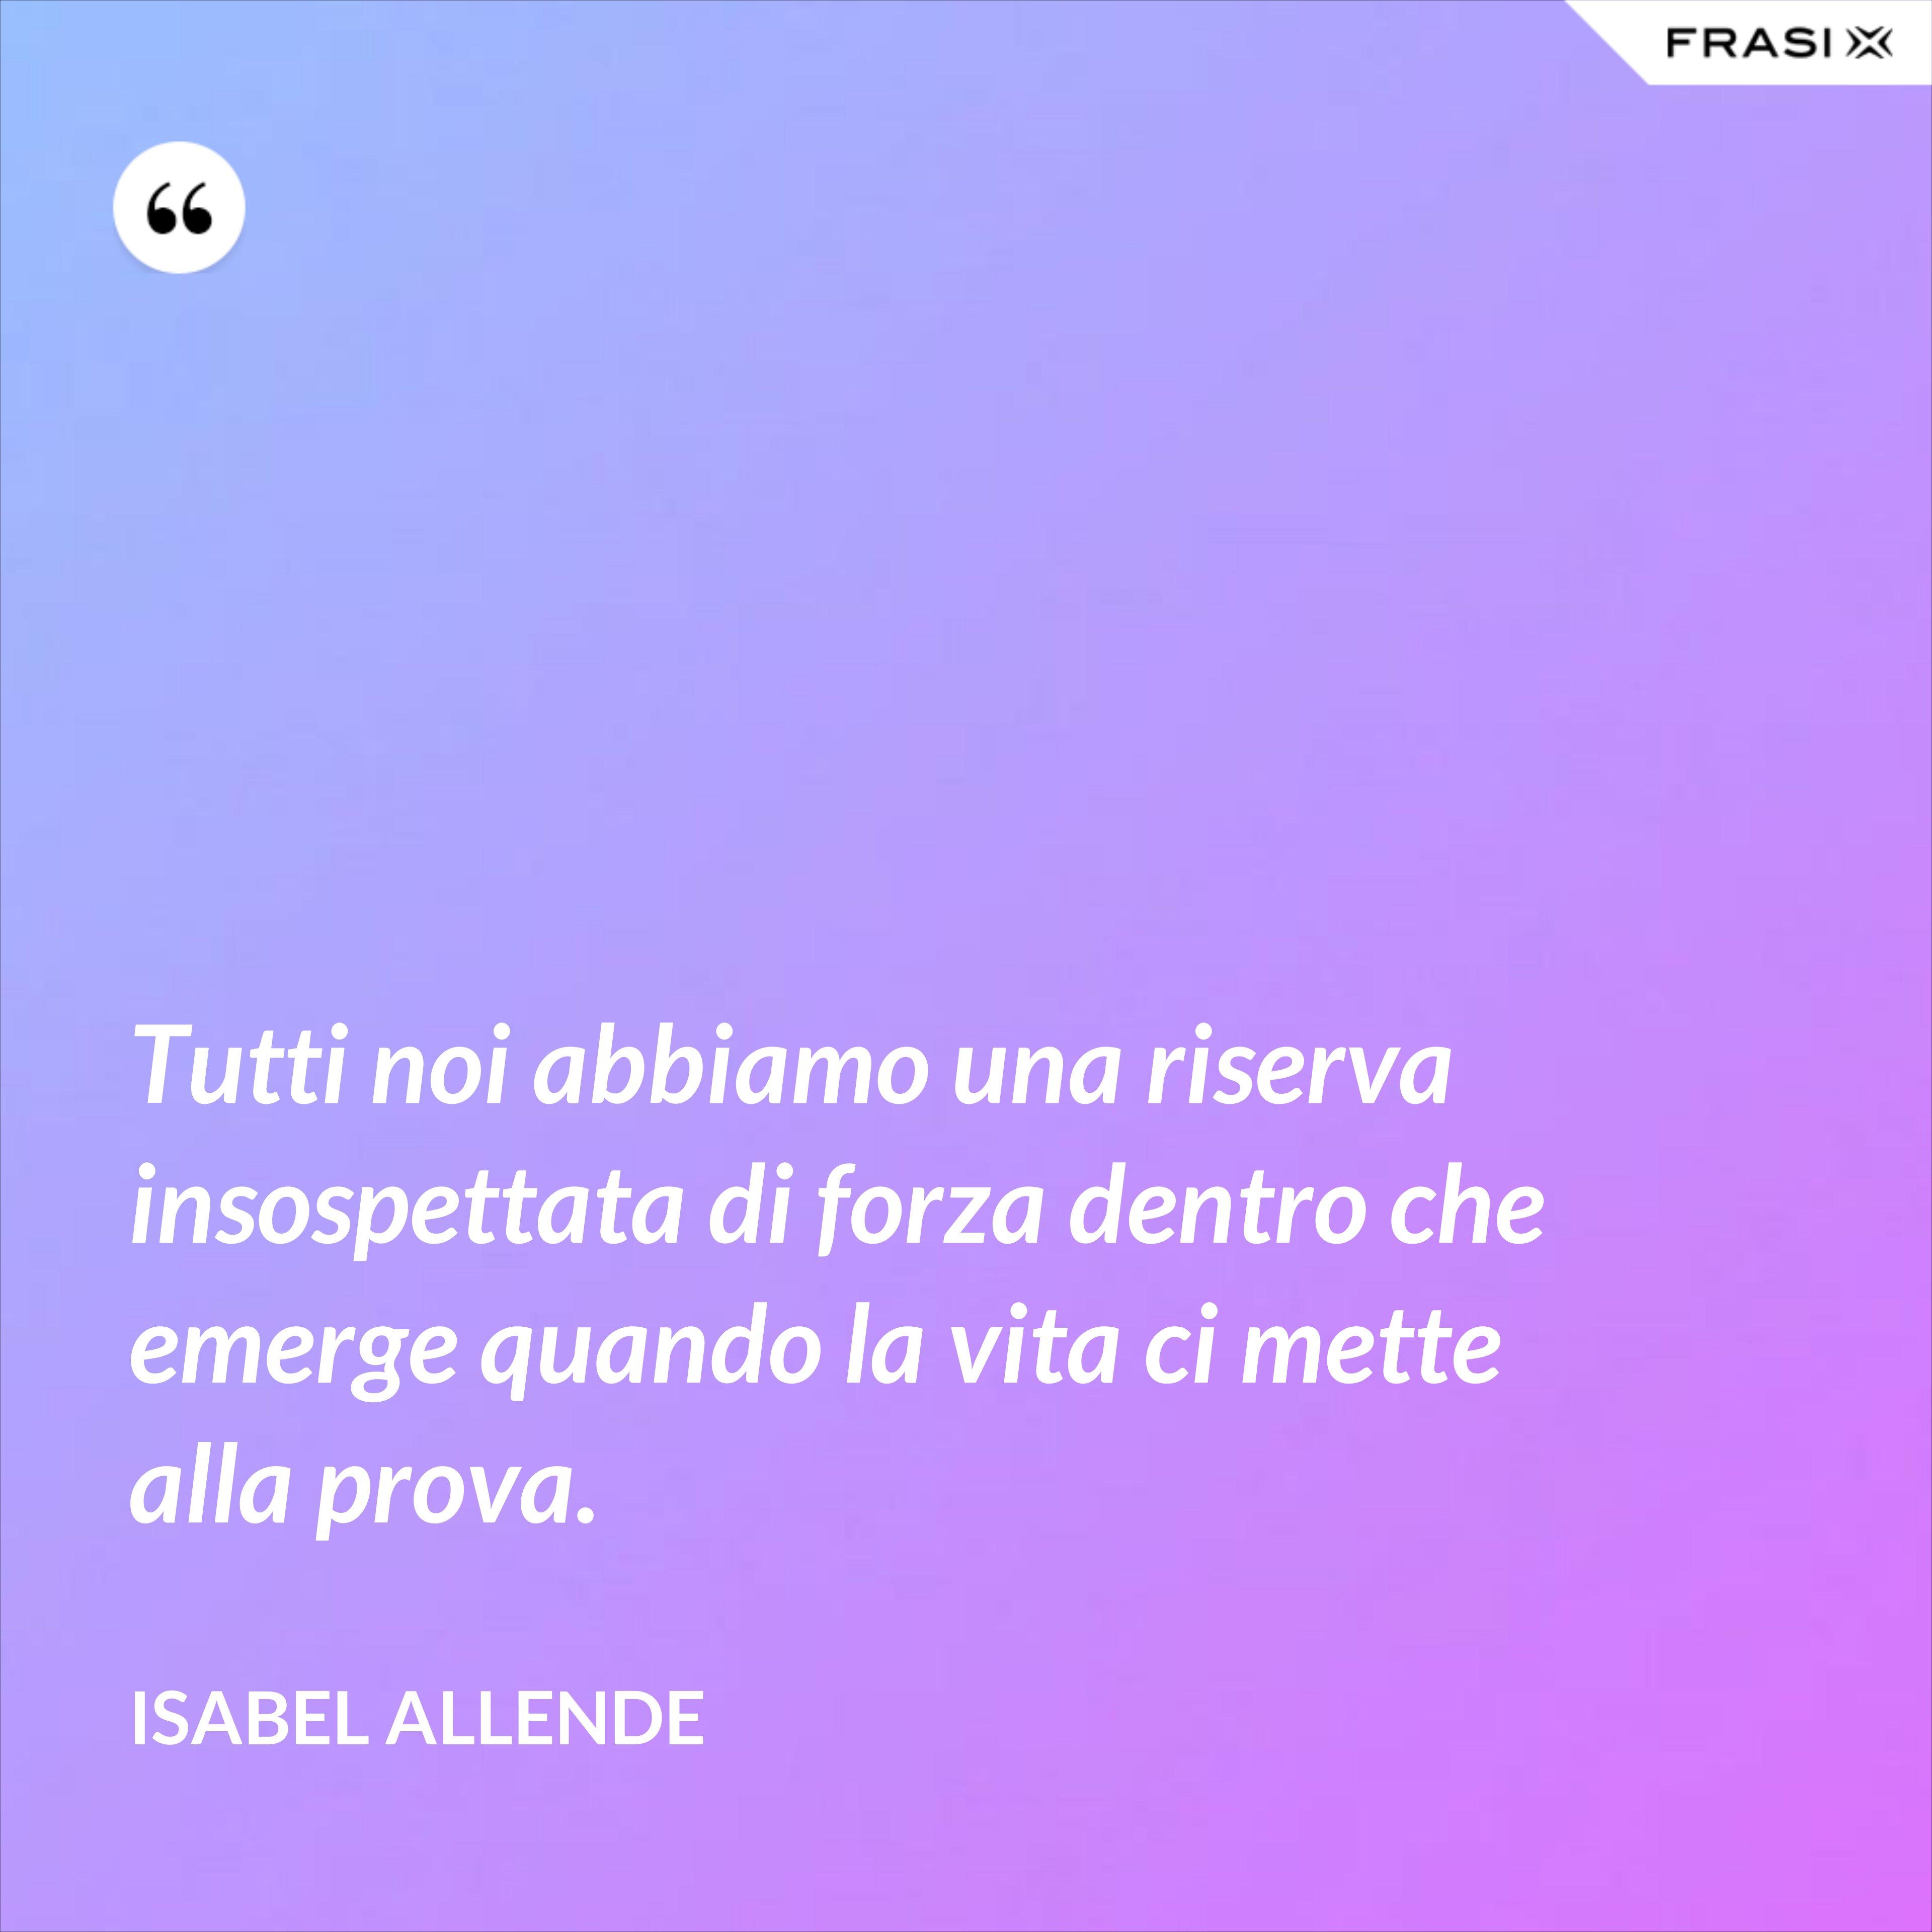 Tutti noi abbiamo una riserva insospettata di forza dentro che emerge quando la vita ci mette alla prova. - Isabel Allende